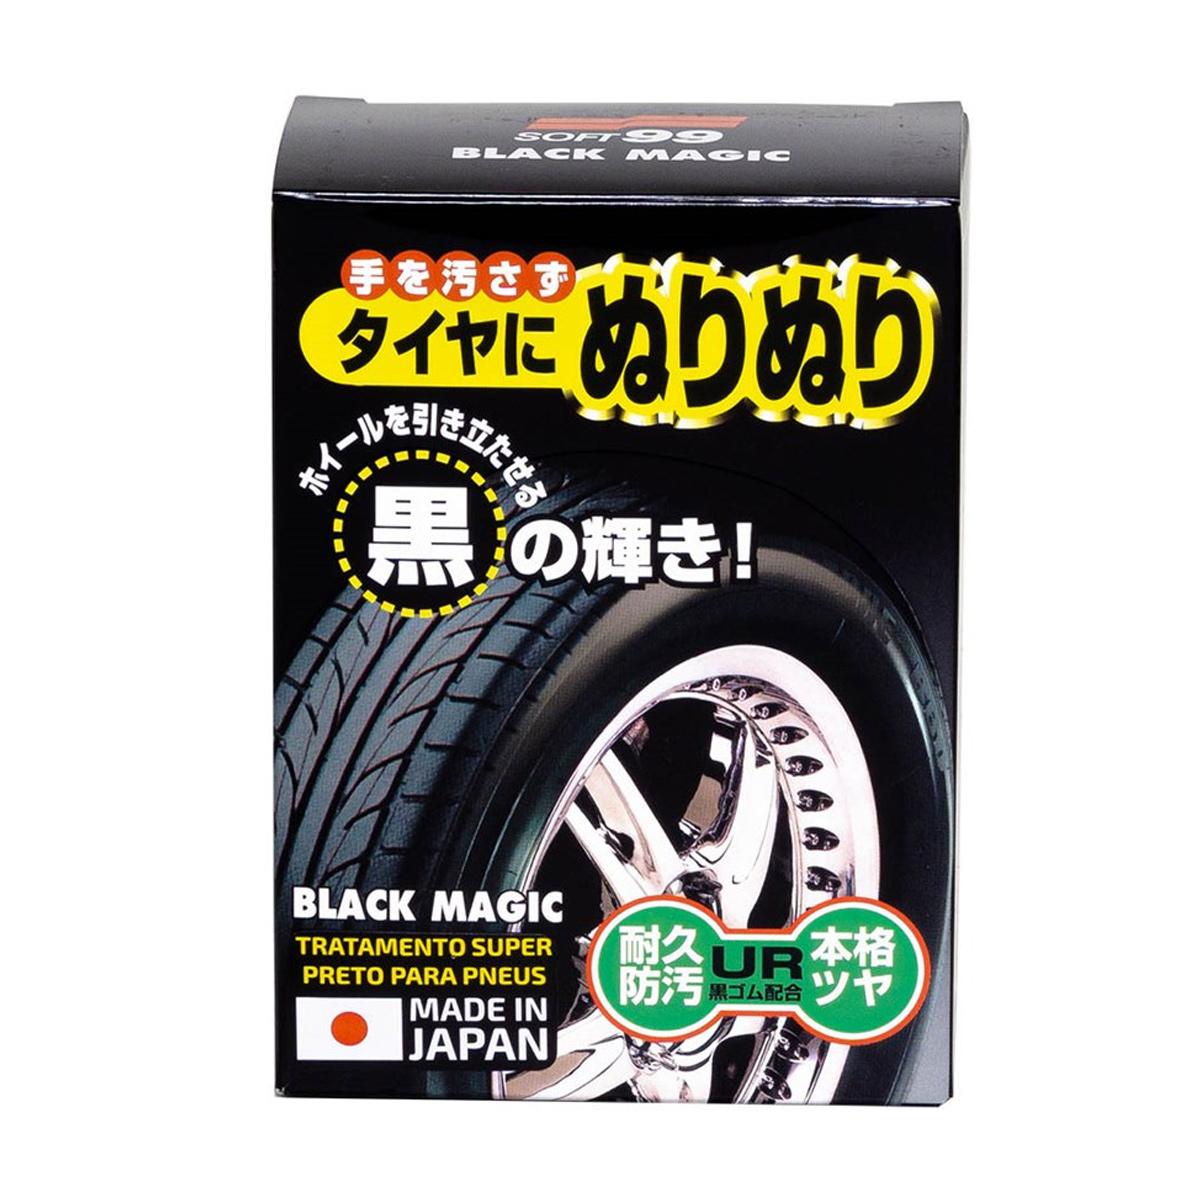 Black Magic Tratamento Super Preto Para Pneus 150ml - Soft99